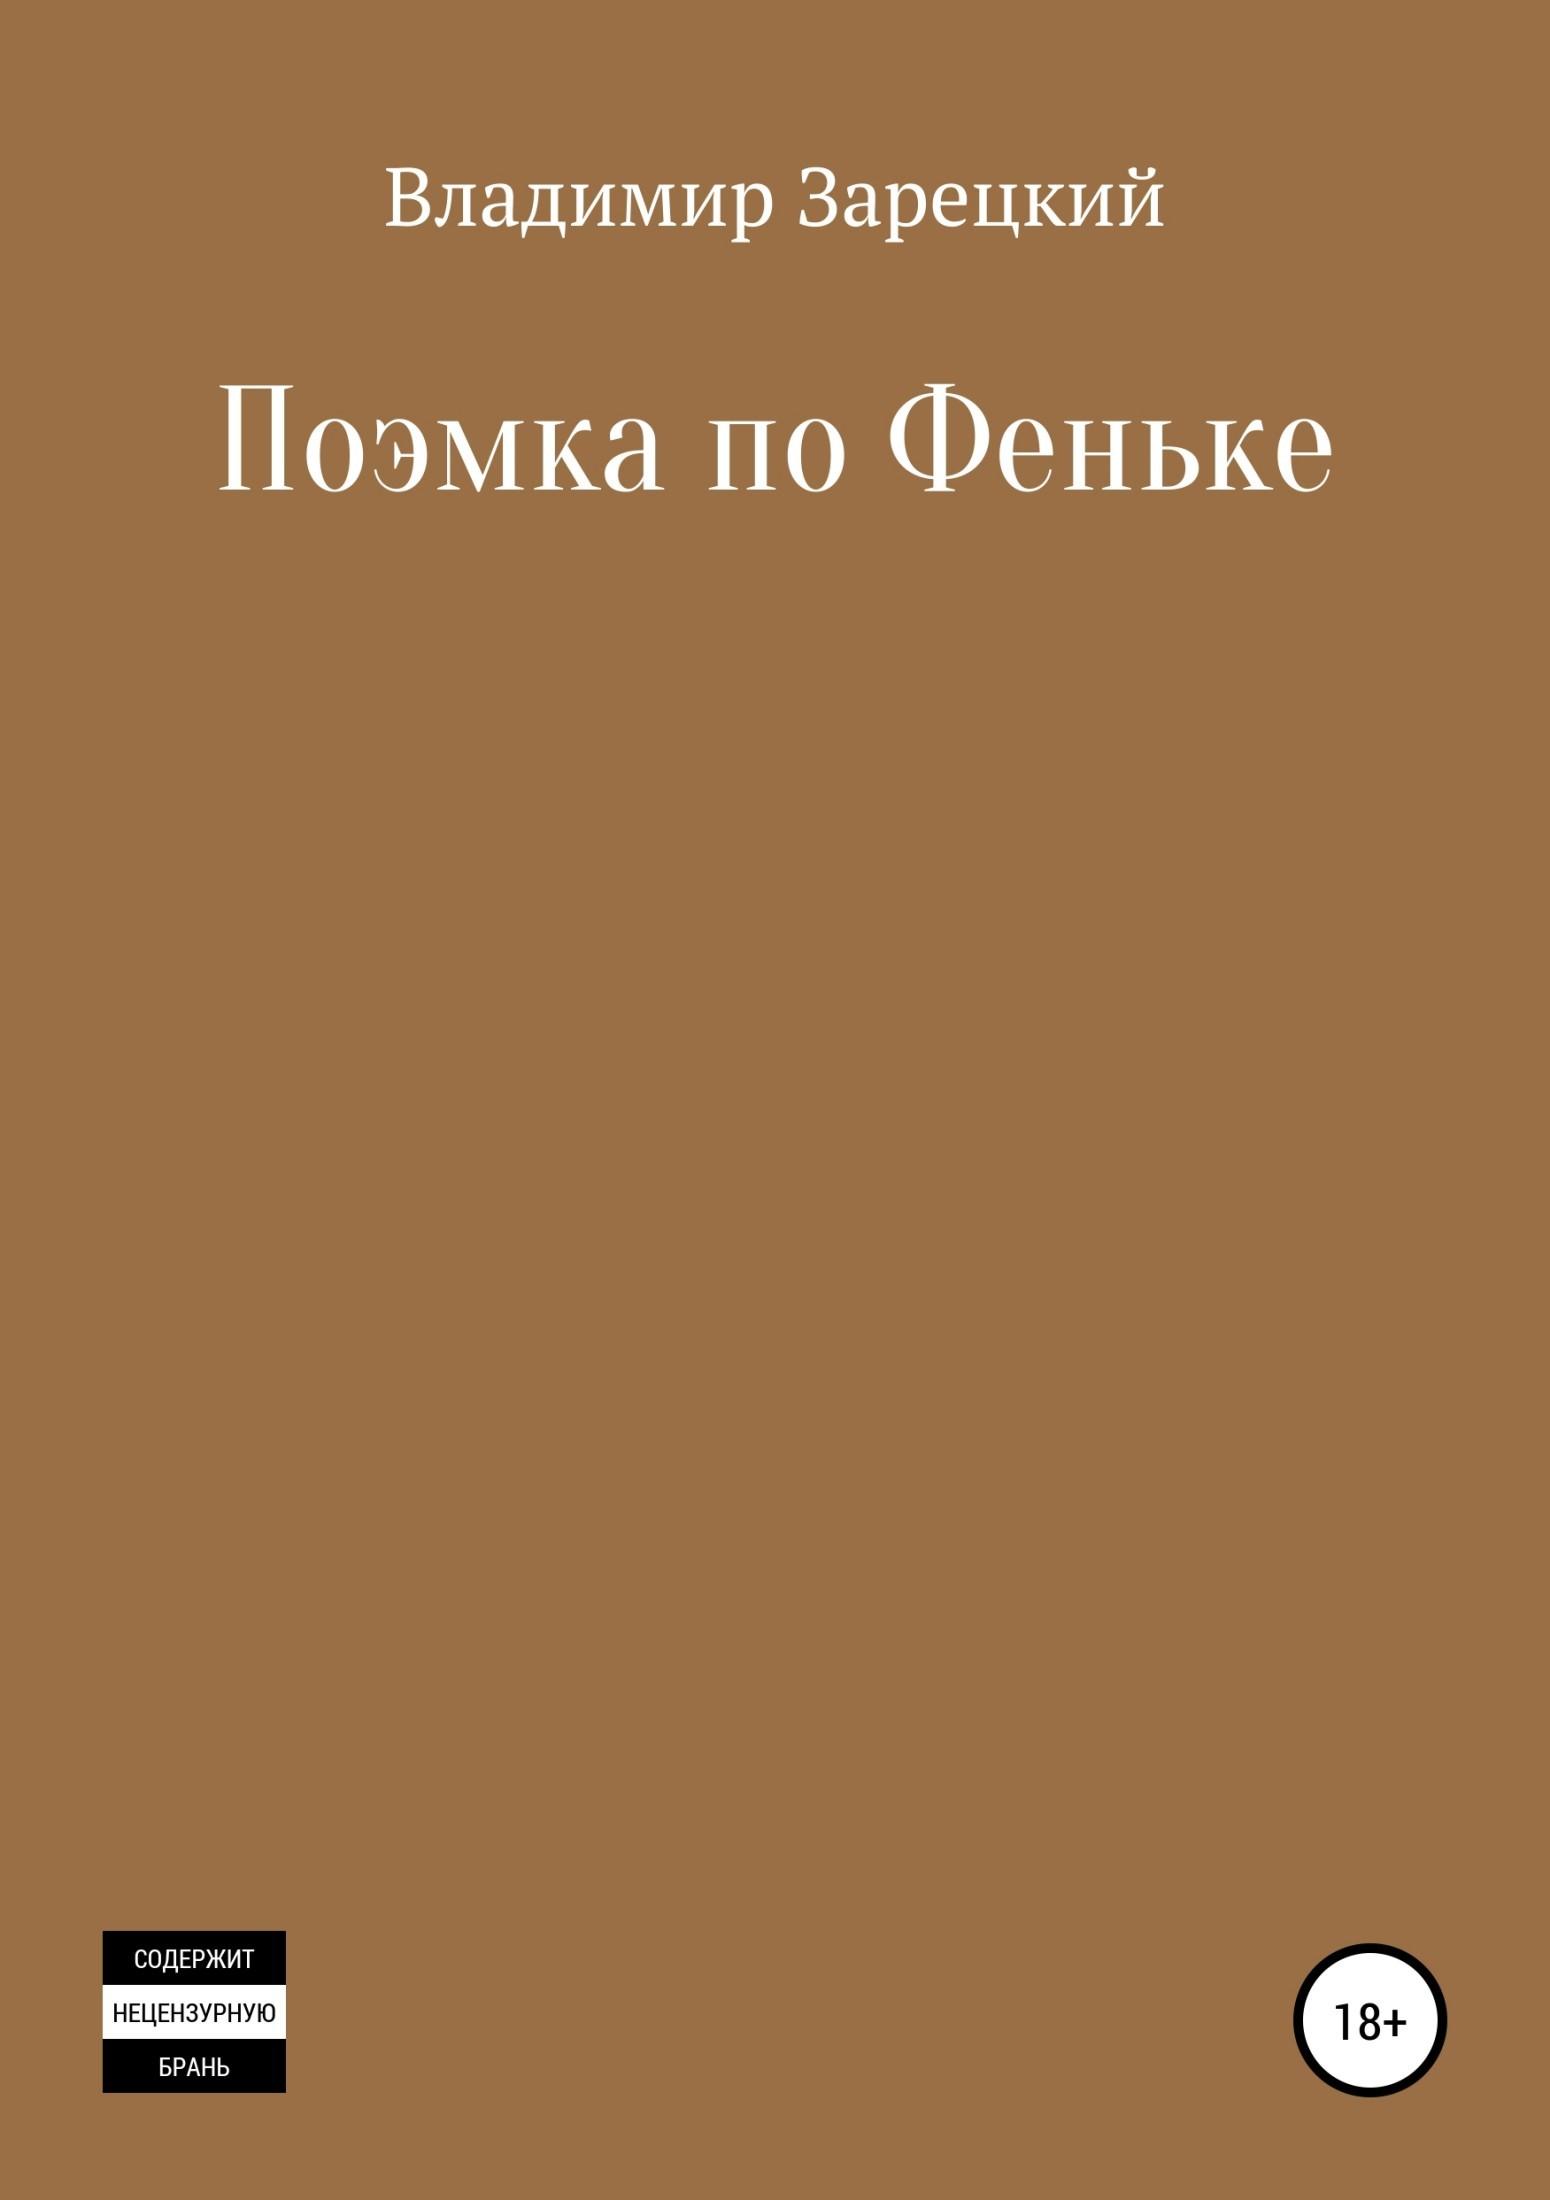 Поэмка по Феньке